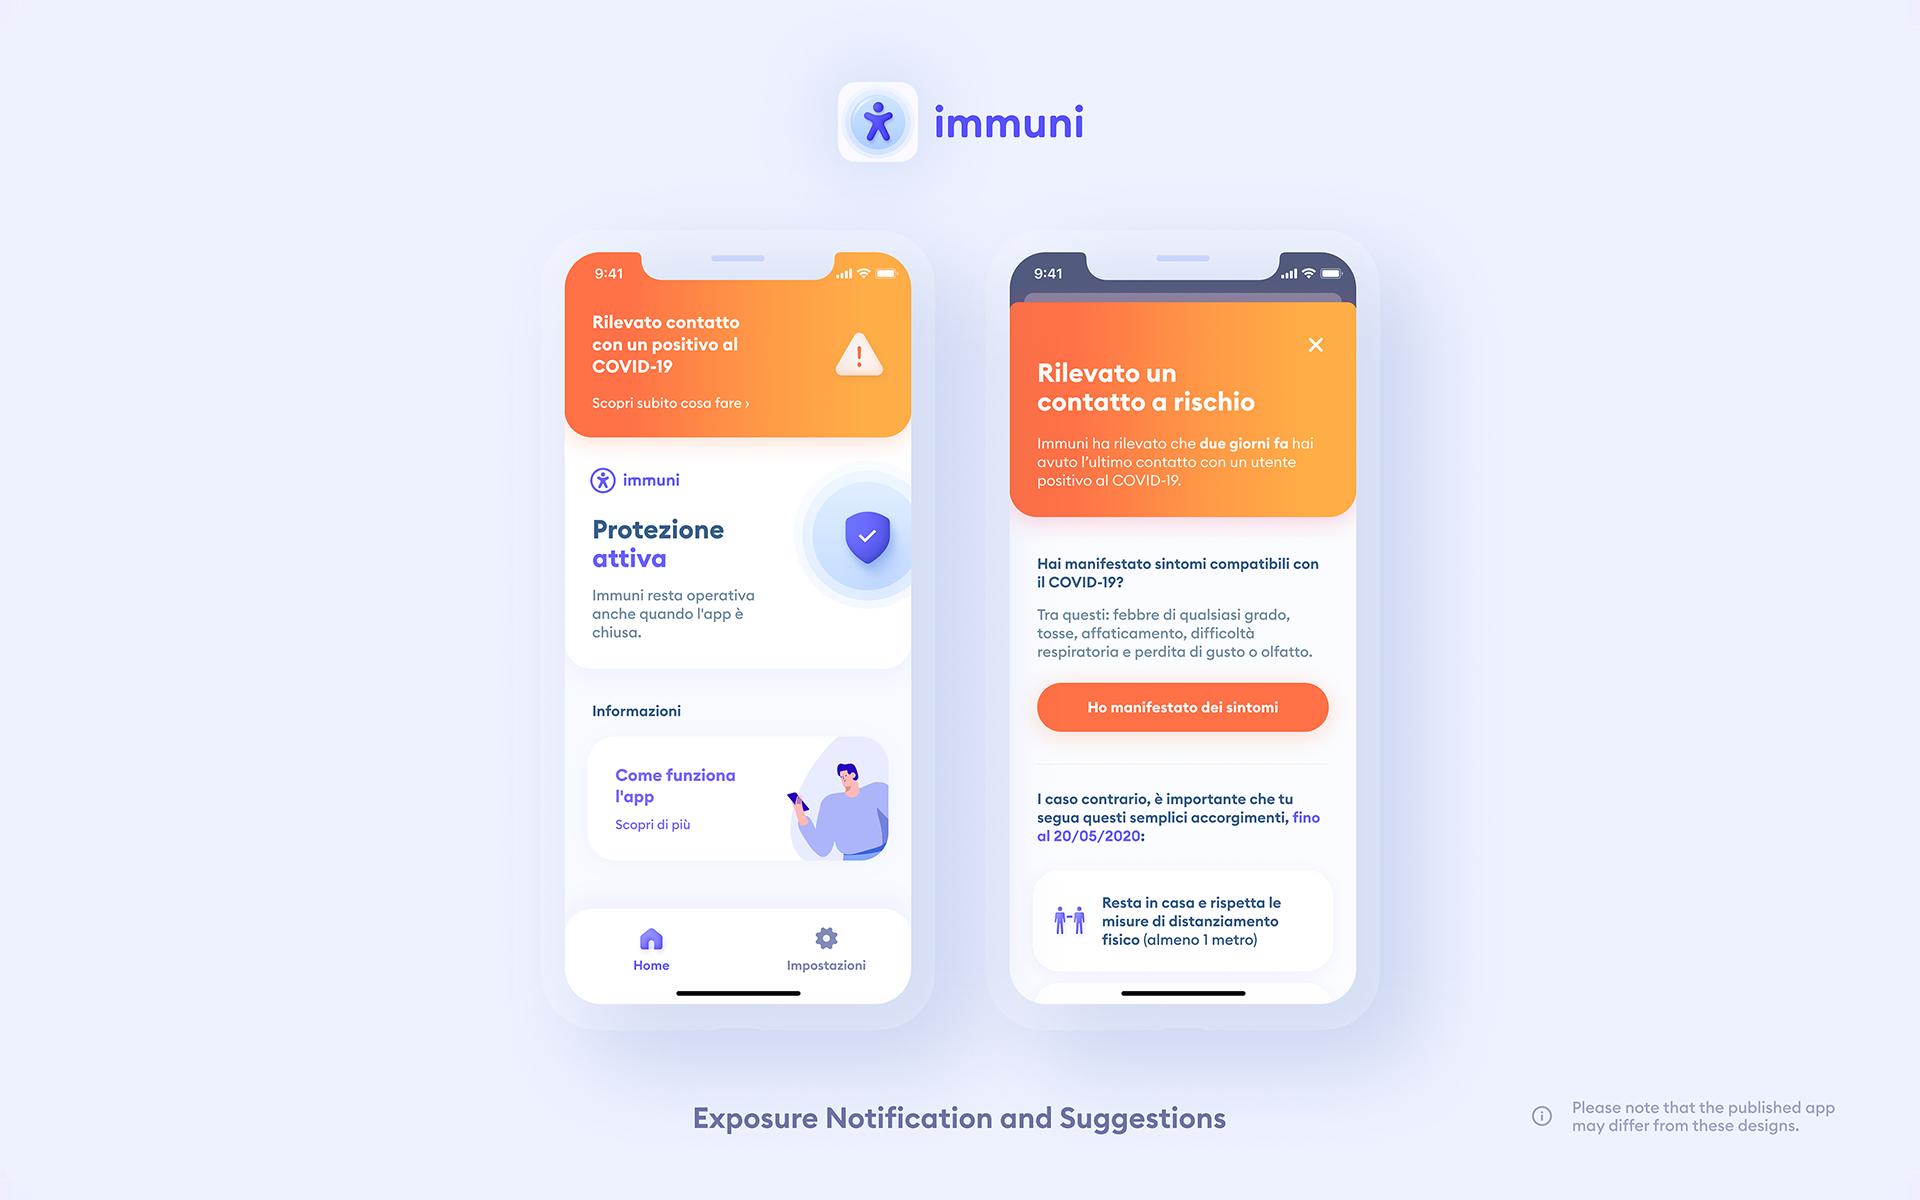 Immuni - ExposureNotificationAndSuggestions